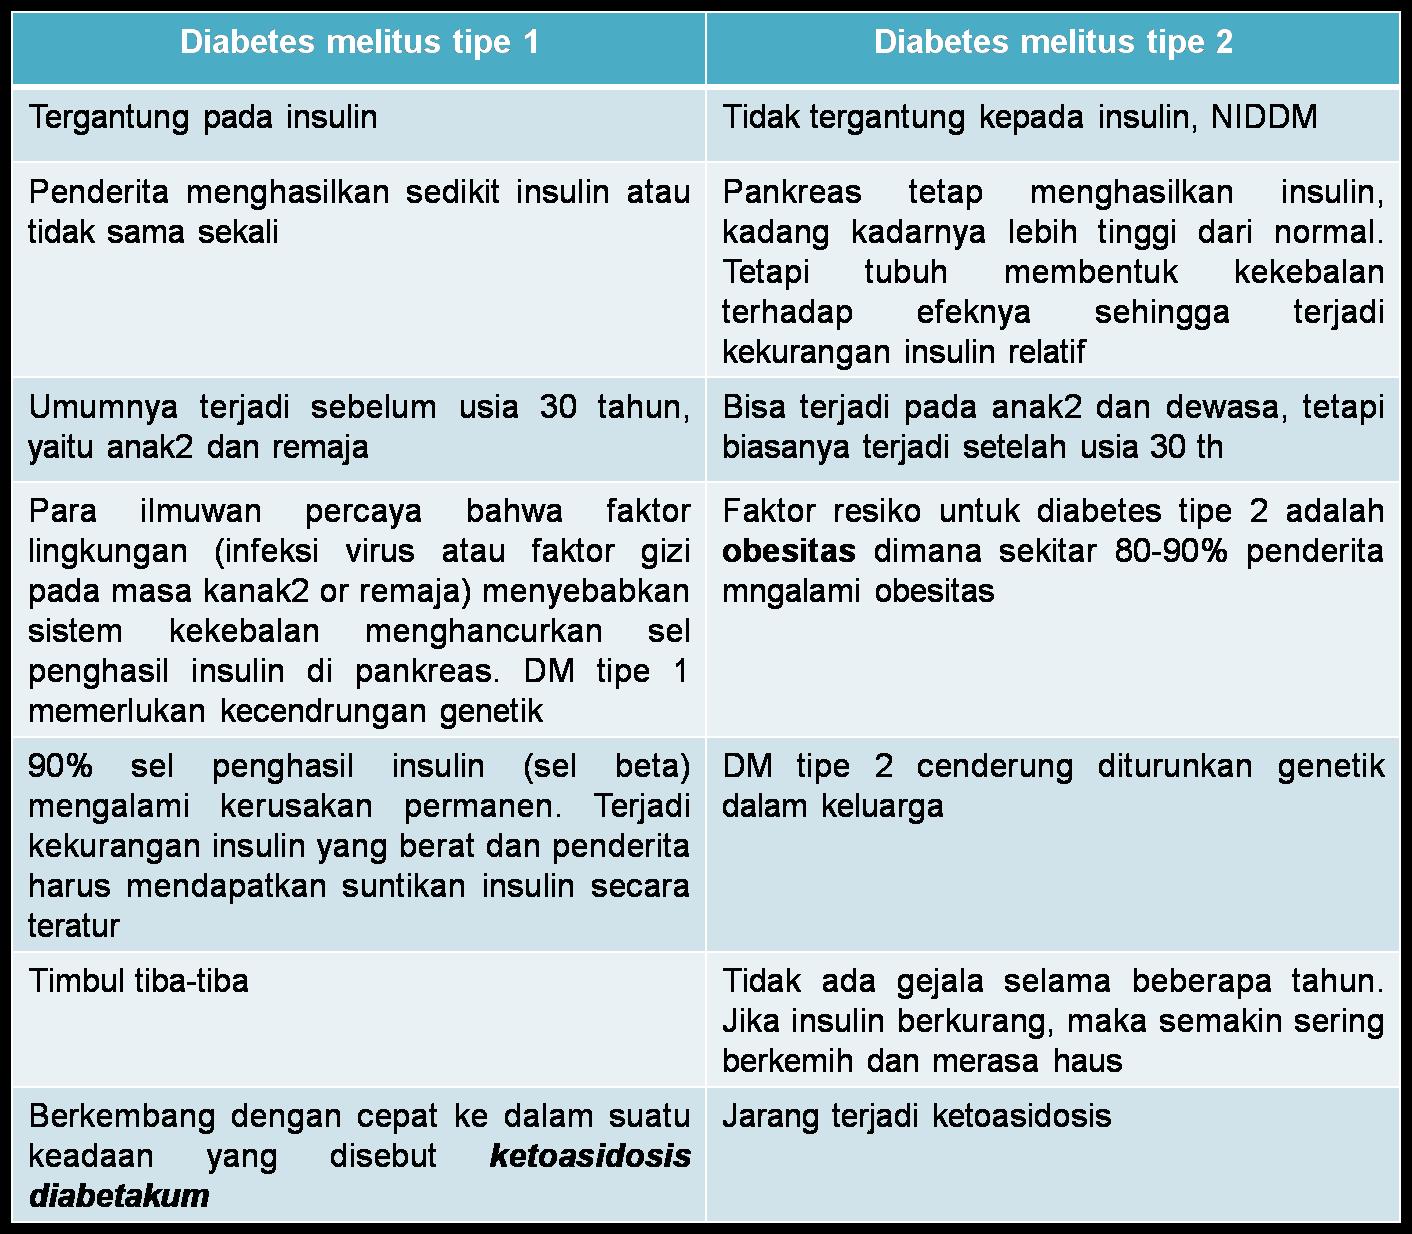 pengobatan diabetes melitus tipe 2